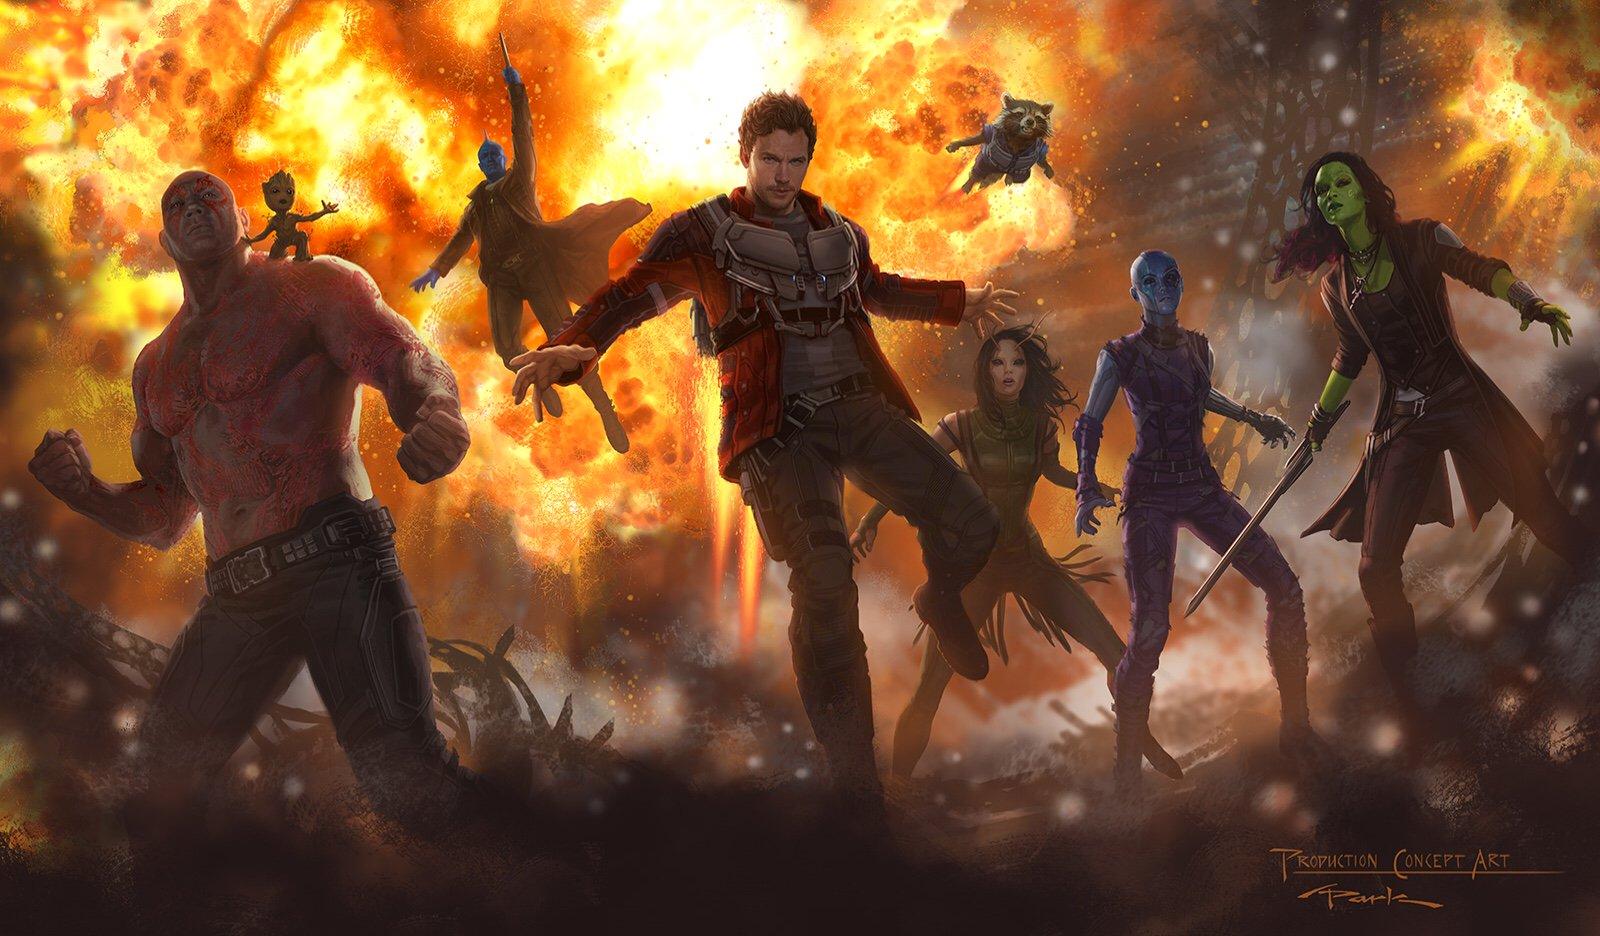 Guardiani della Galassia 2: un concept art riunisce tutti i personaggi